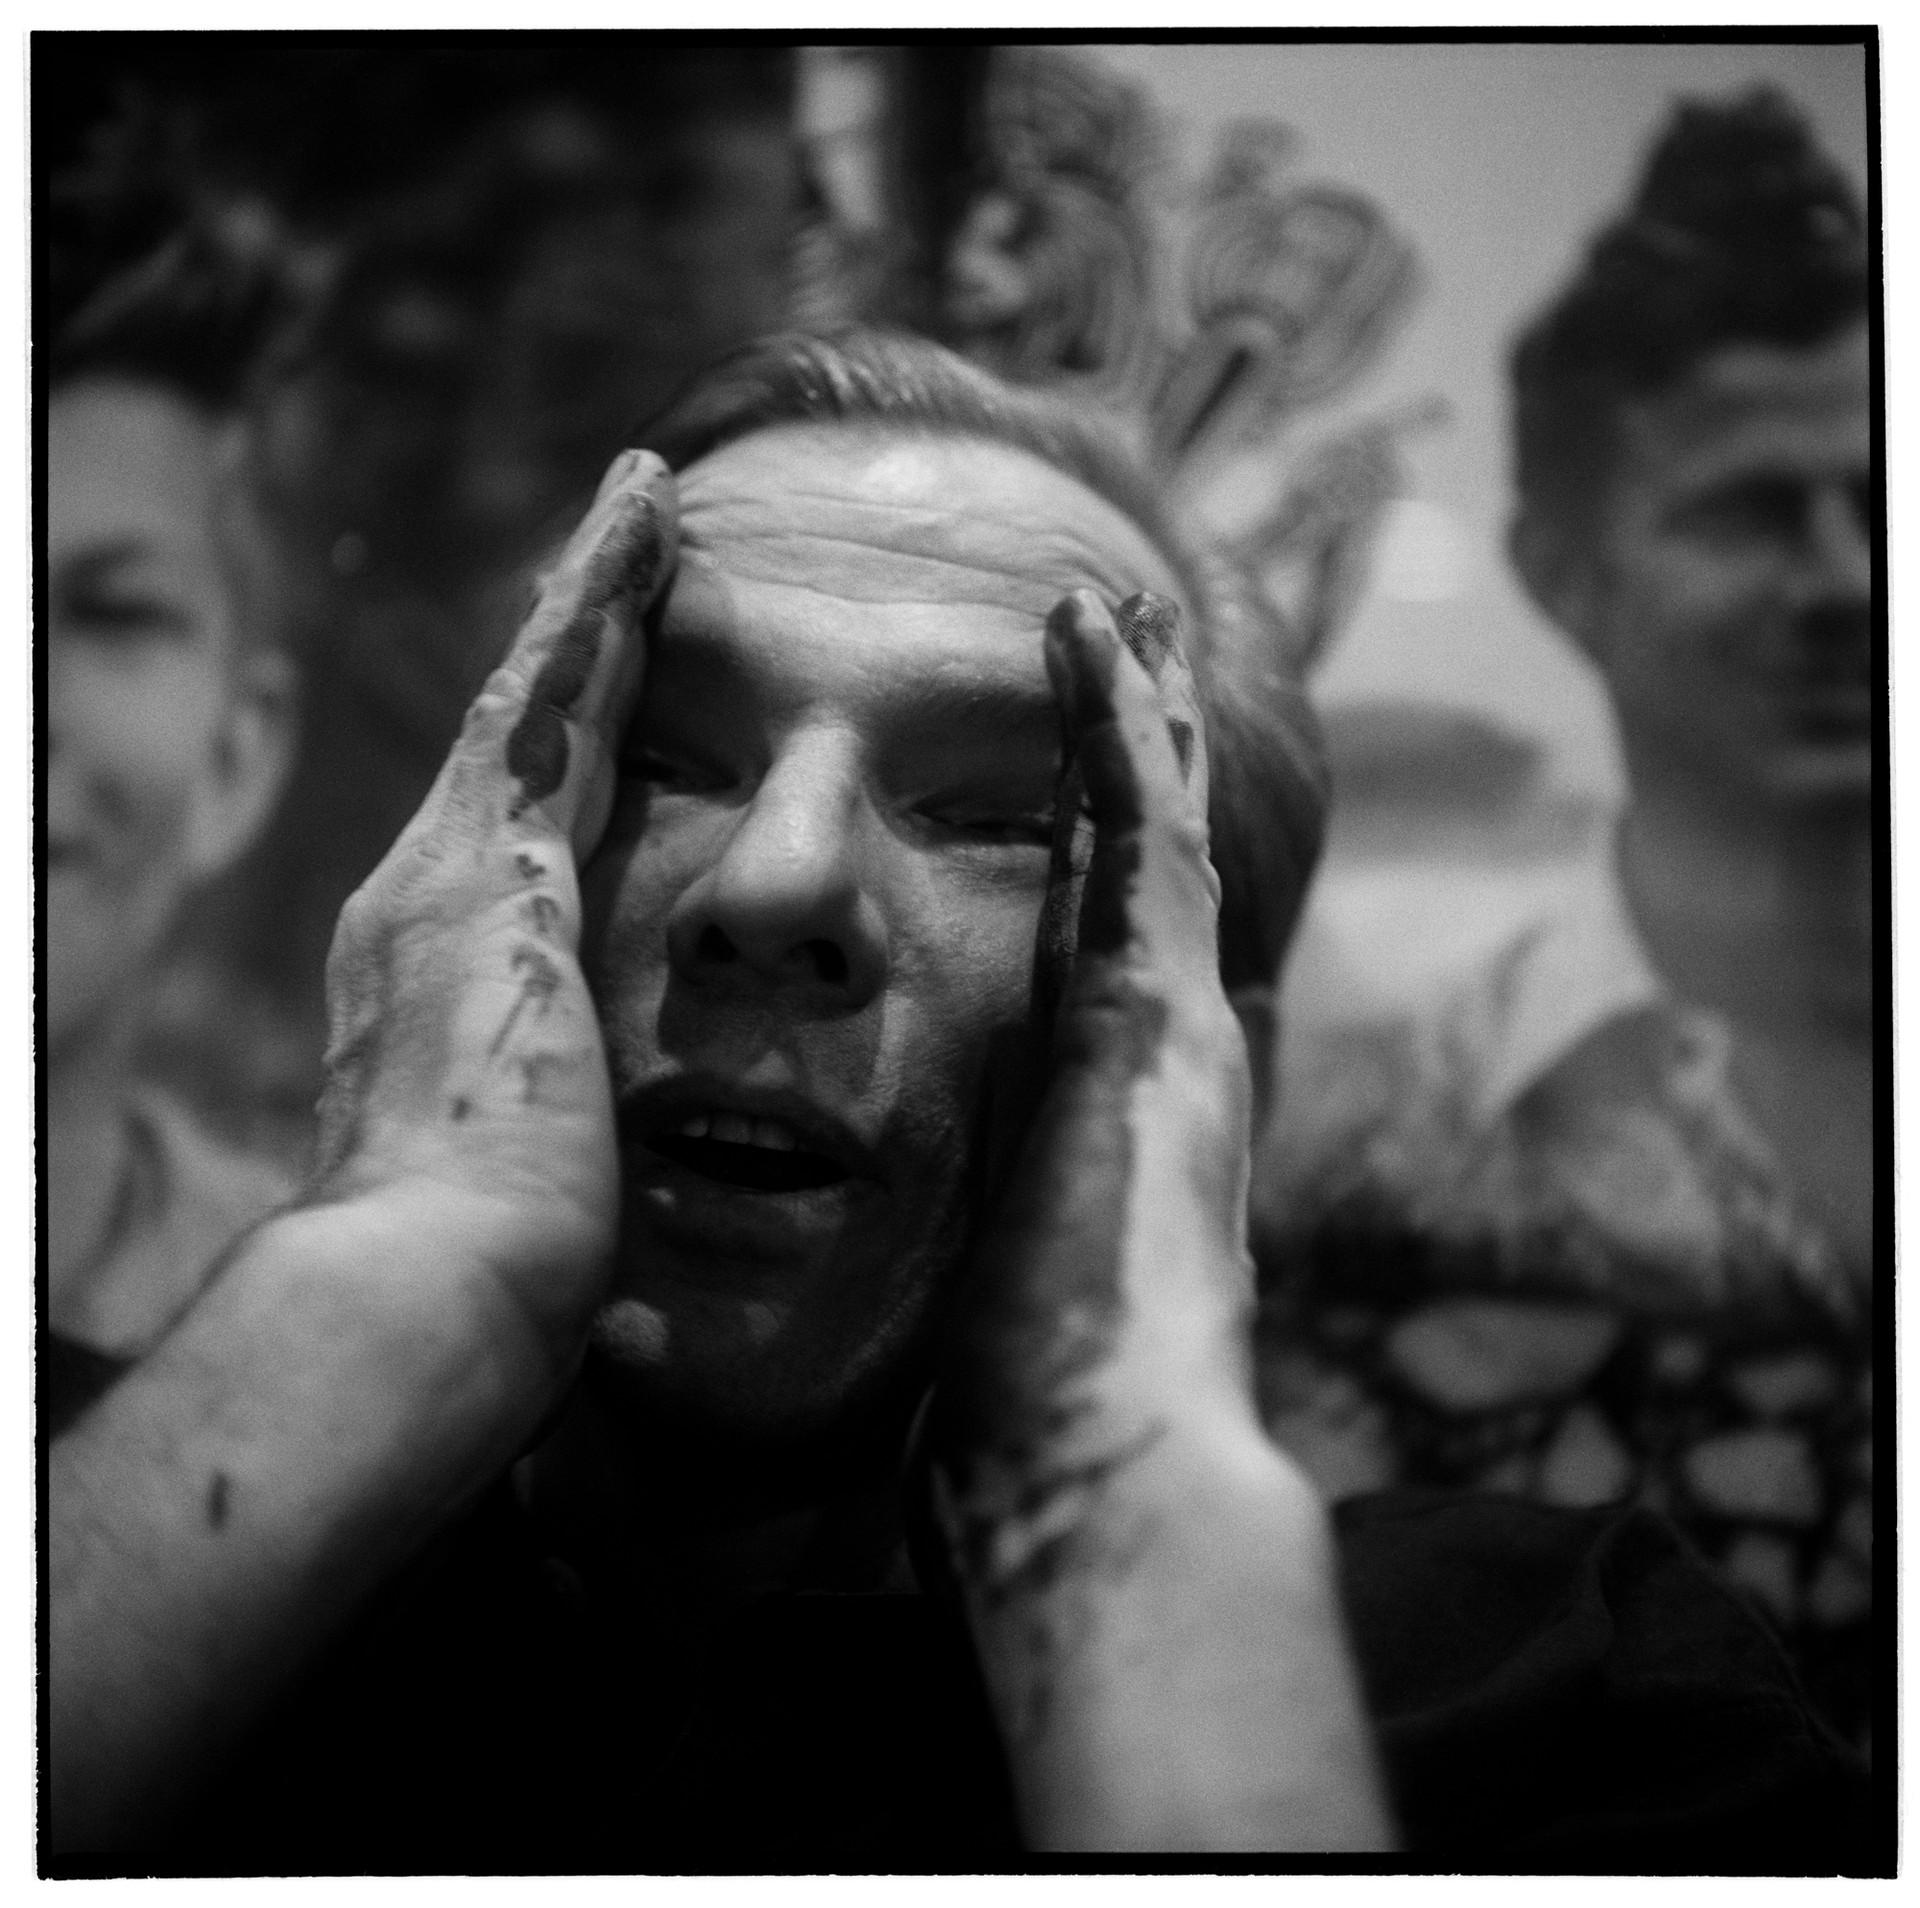 Peter Beard Paris '96 #3